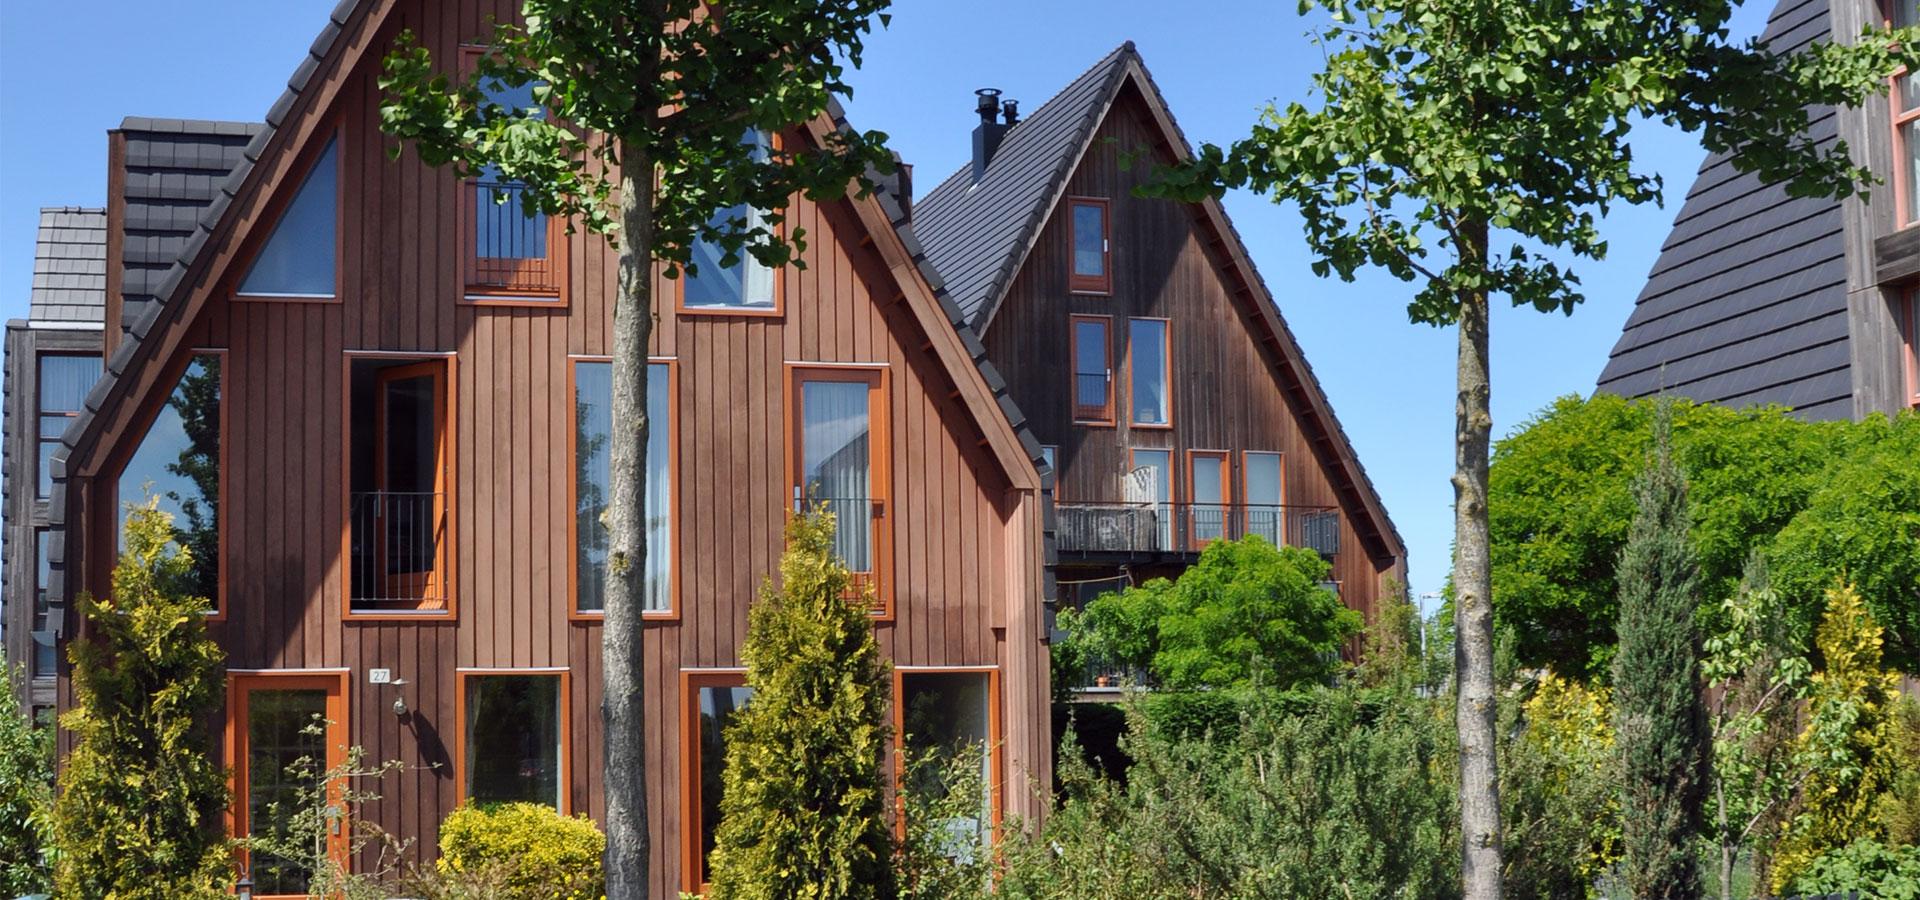 FARO architecten modern dorps Vijfhuizen 06